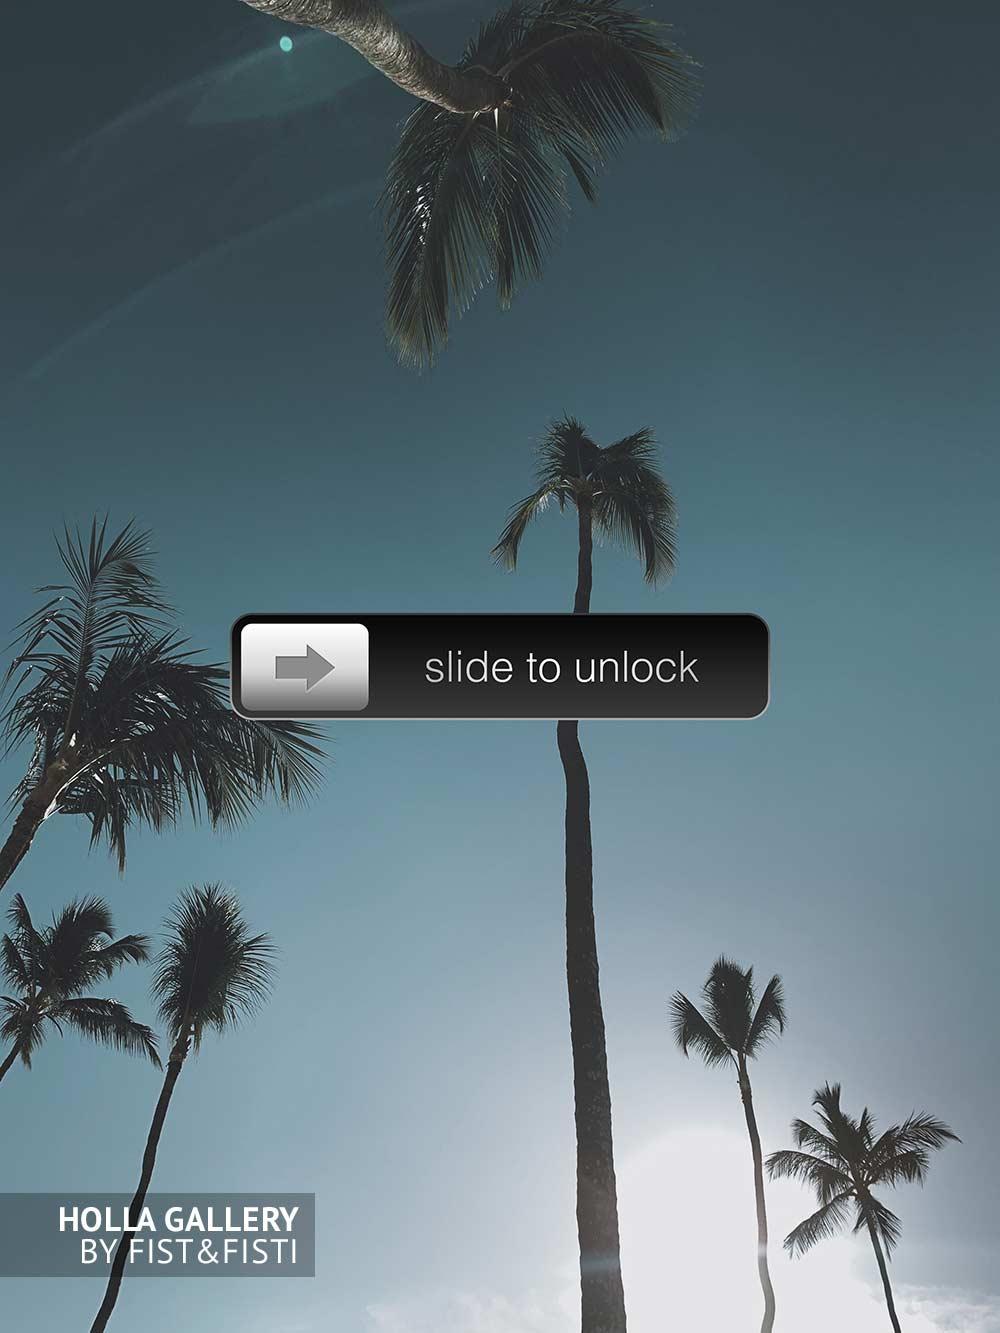 Slide to unlock значок на фотографии пальм и чистого неба. Доминикана, интерфейс iPhone. Постер для интерьера